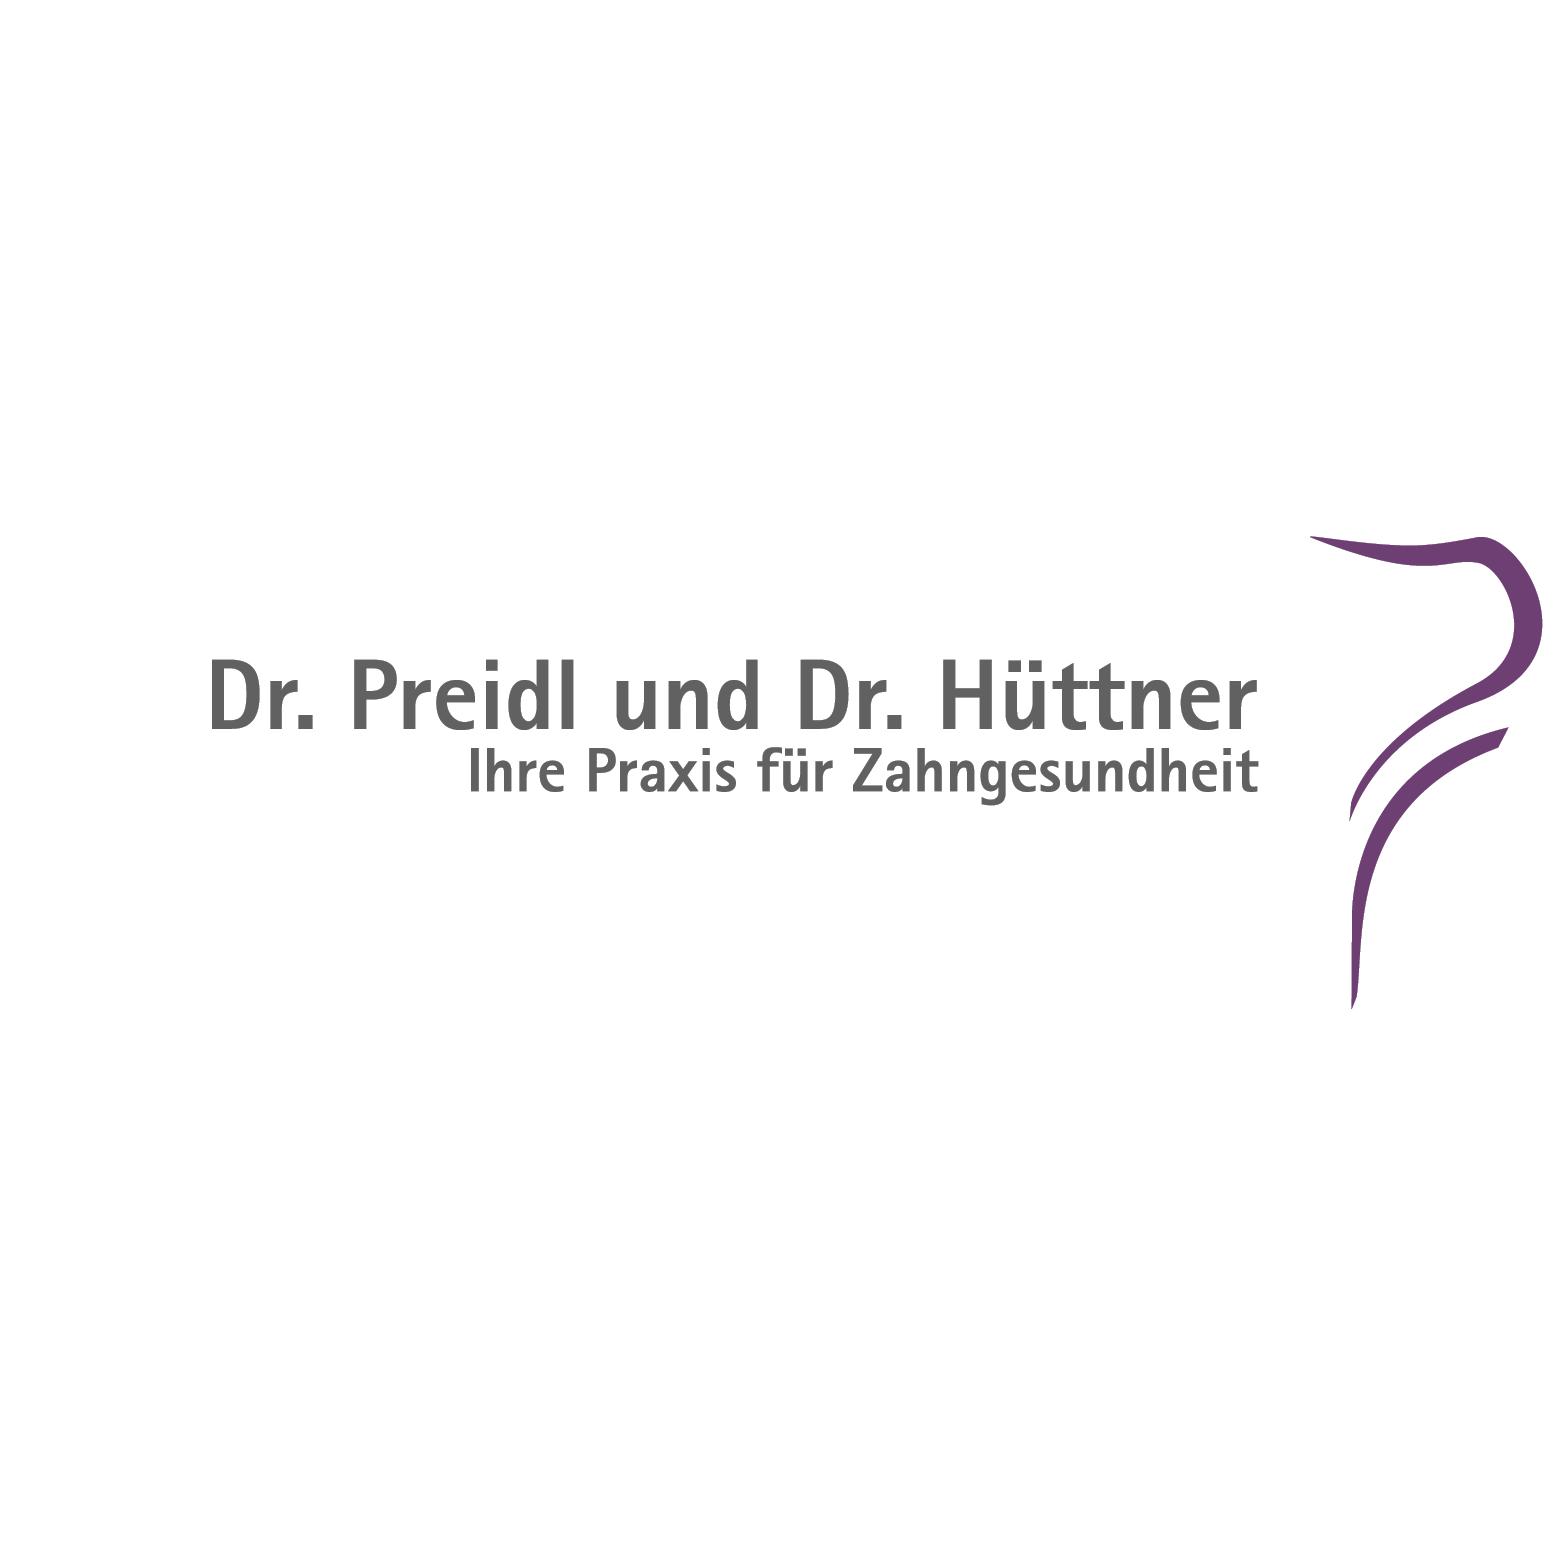 Bild zu Zahnarztpraxis Dr. Preidl und Dr. Hüttner in Heilbronn am Neckar